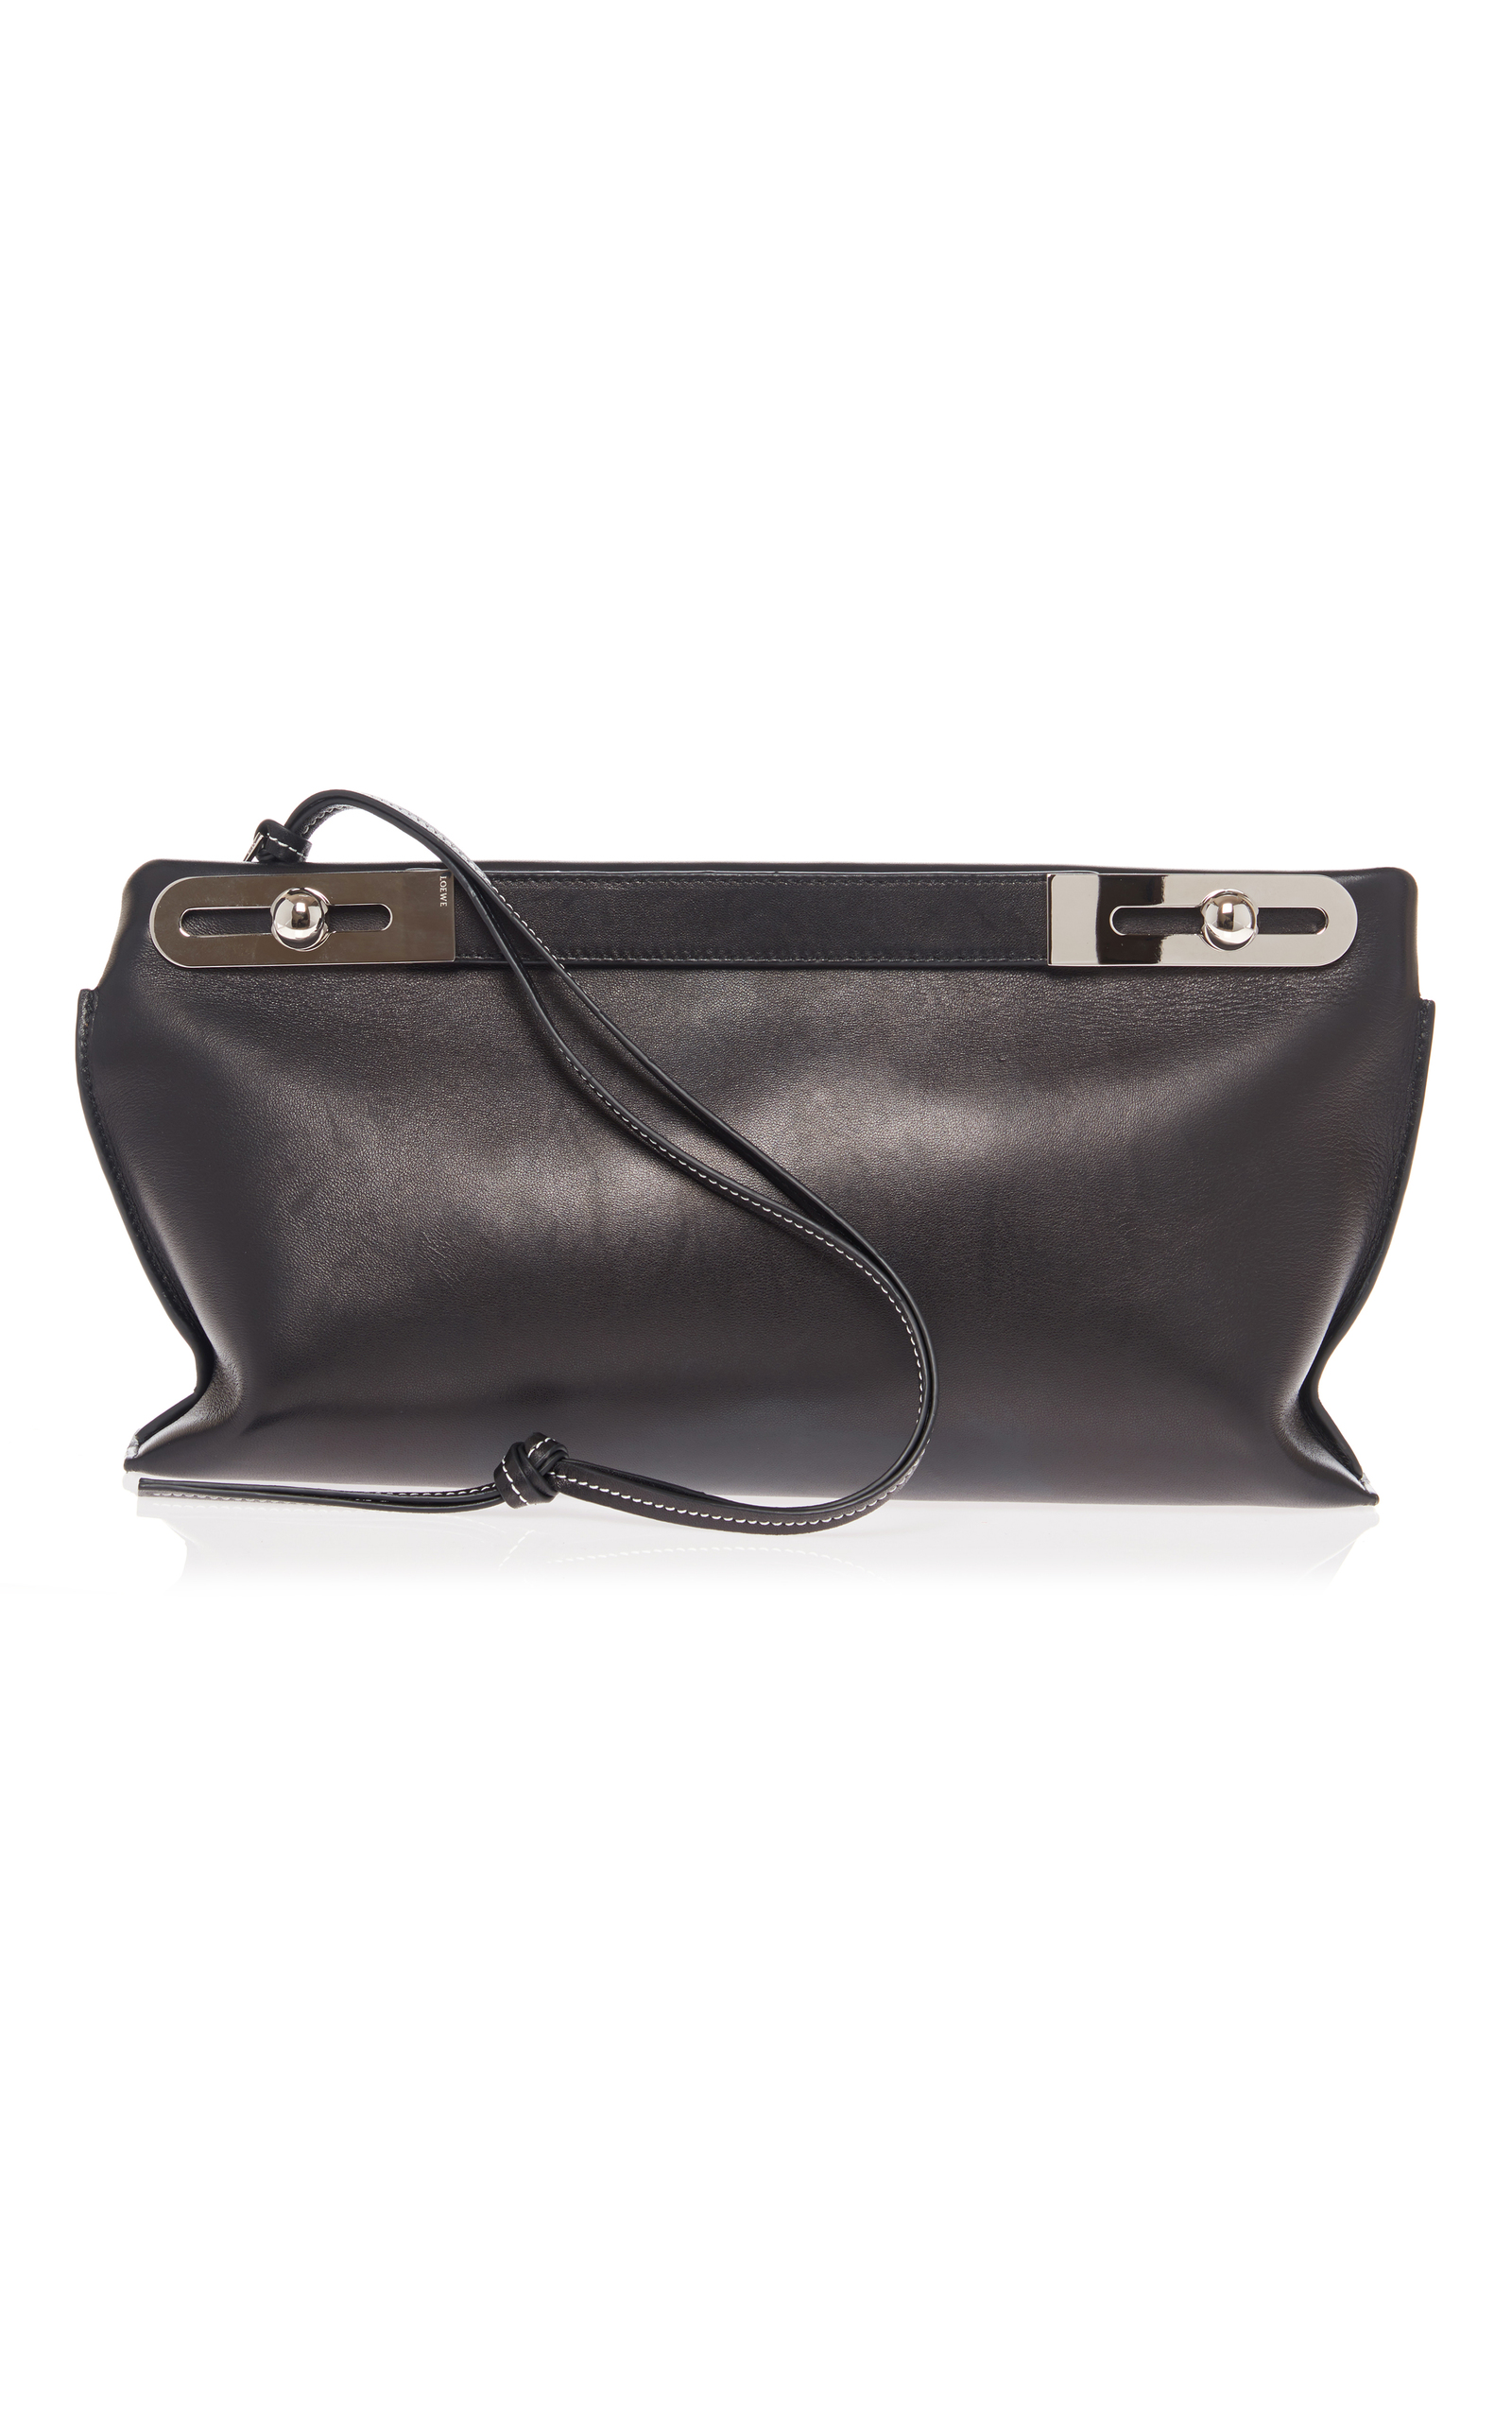 Missy Leather Bag Loewe k4tVhguo